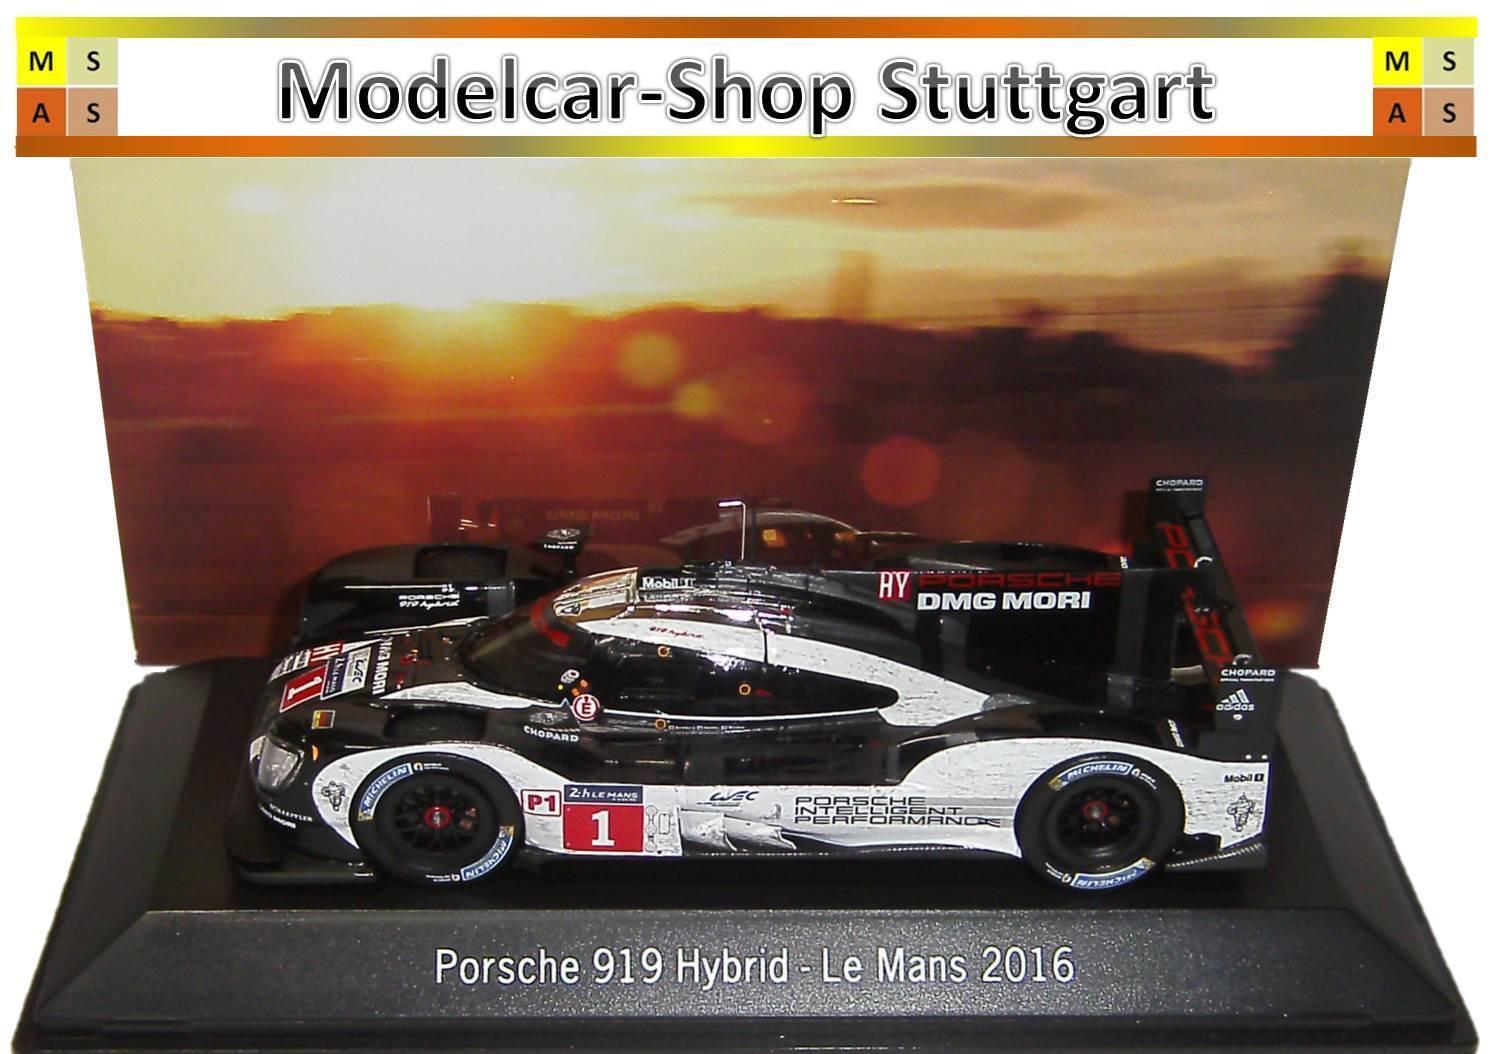 PORSCHE 919 ibrido  1 Le Mans 2016 Dirty Version SPARK 1 43 map02087416 NUOVO